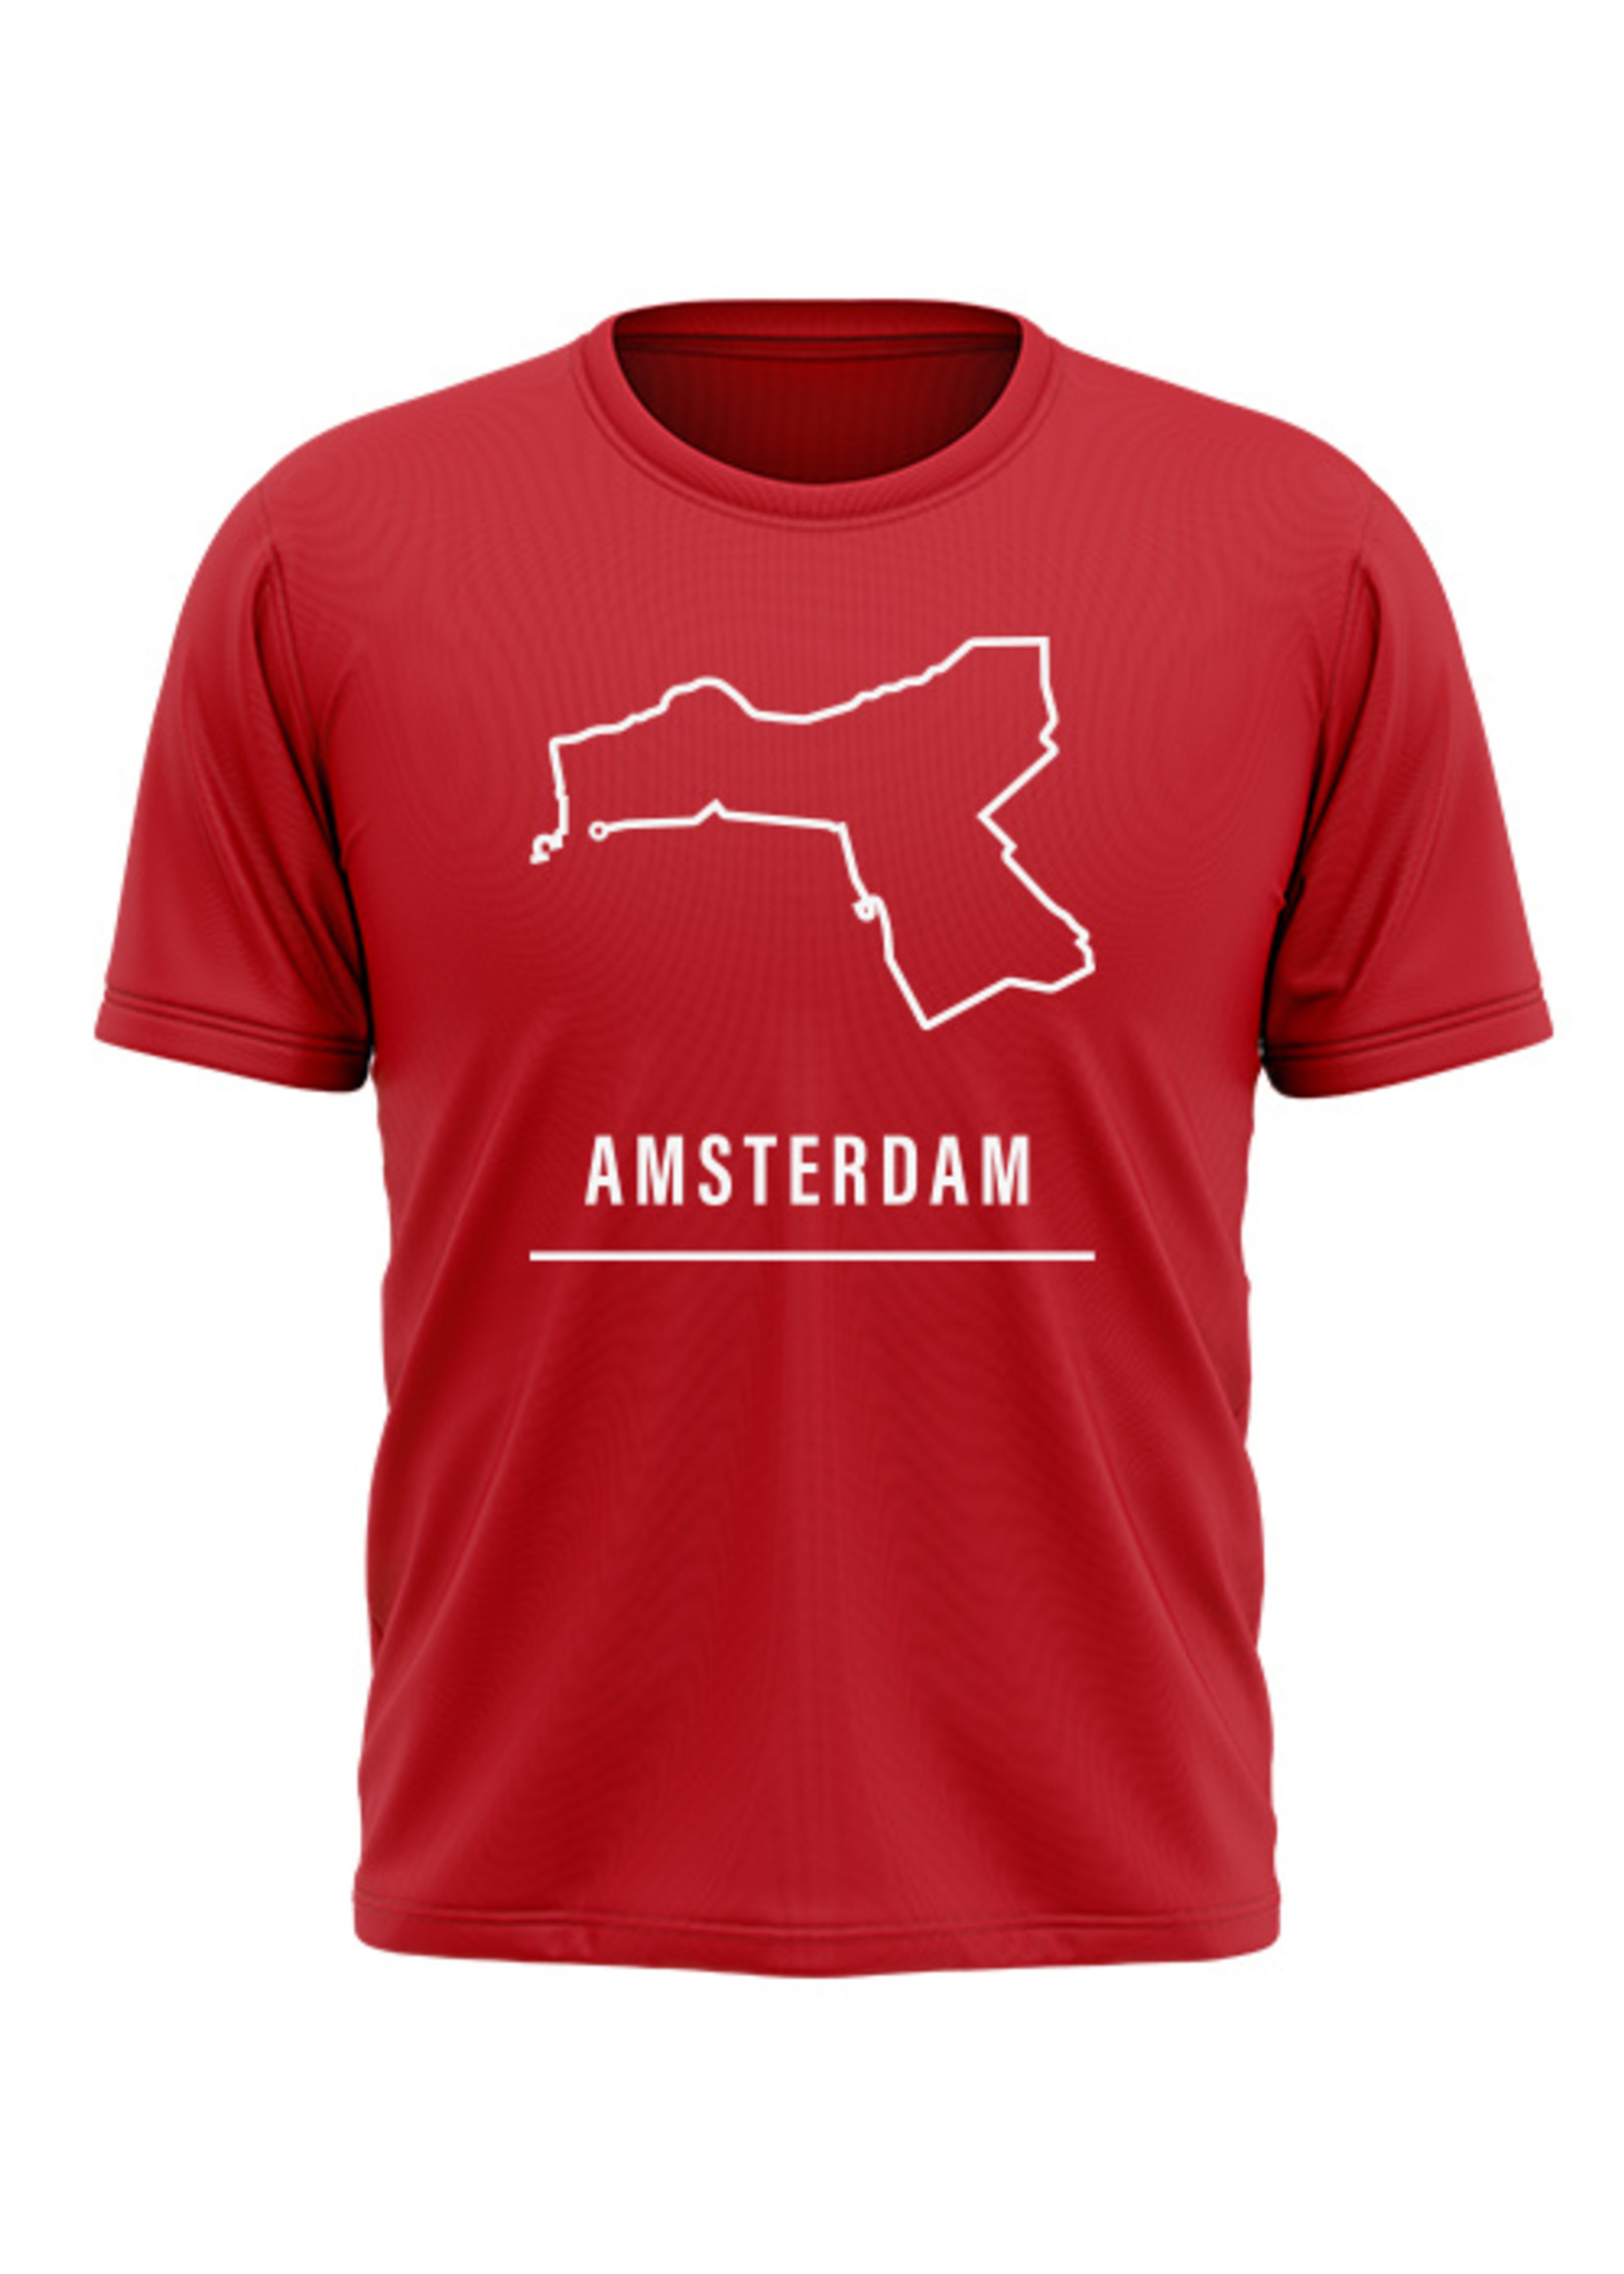 Rebel & Dutch Heren sportshirt Amsterdam halve marathon